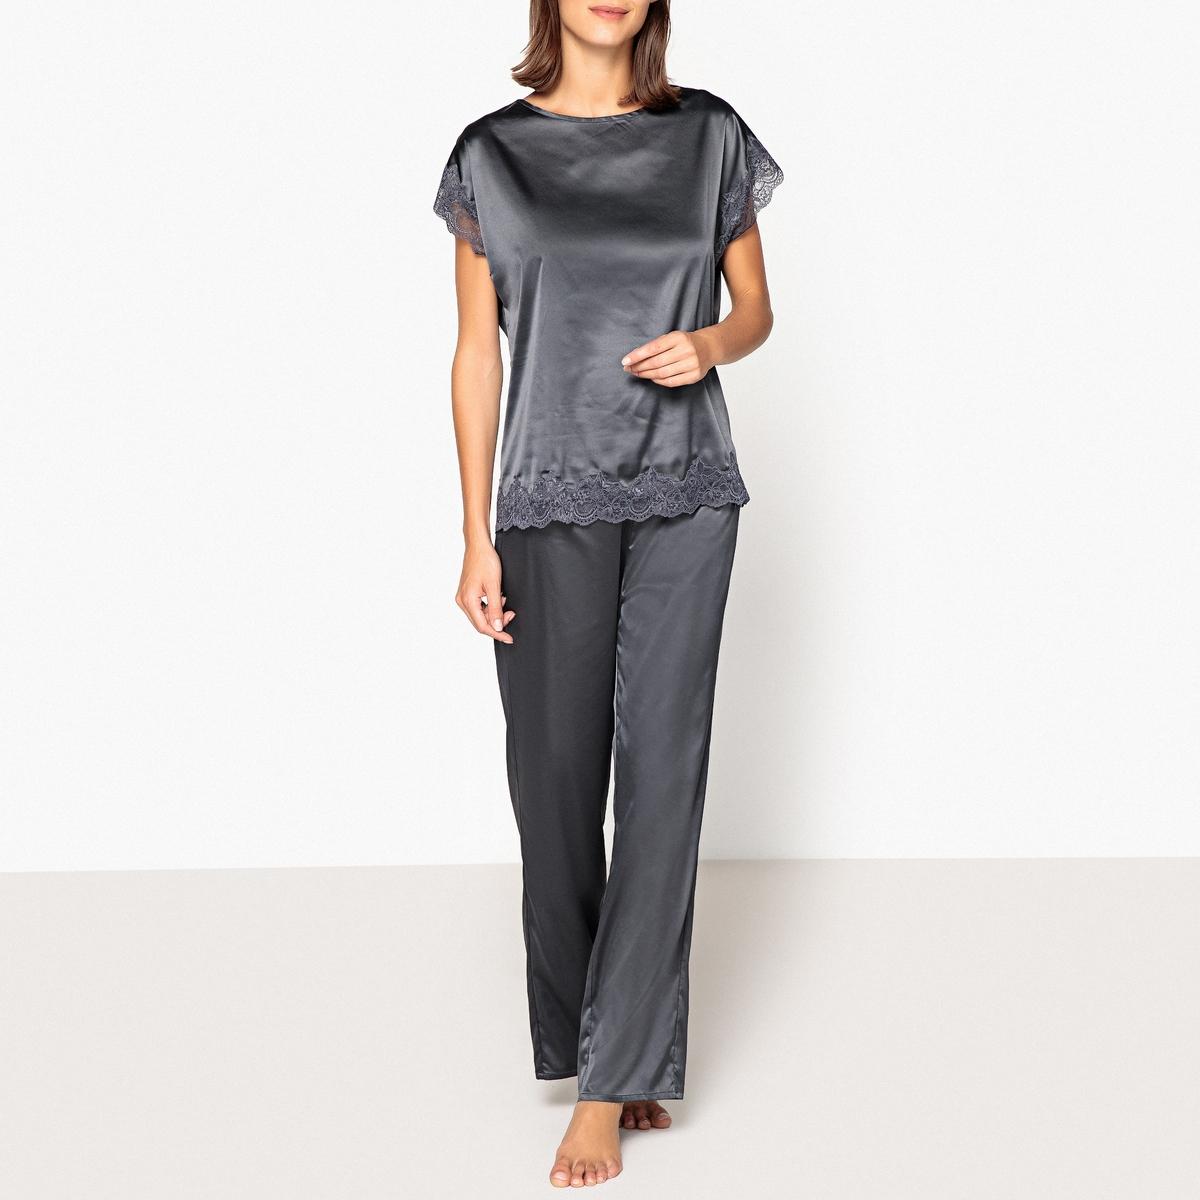 Пижама с кружевной вставкой пижамы пижамы пижамы пижамы женские пижамы женская пижама женская пижама женская b541102112 5